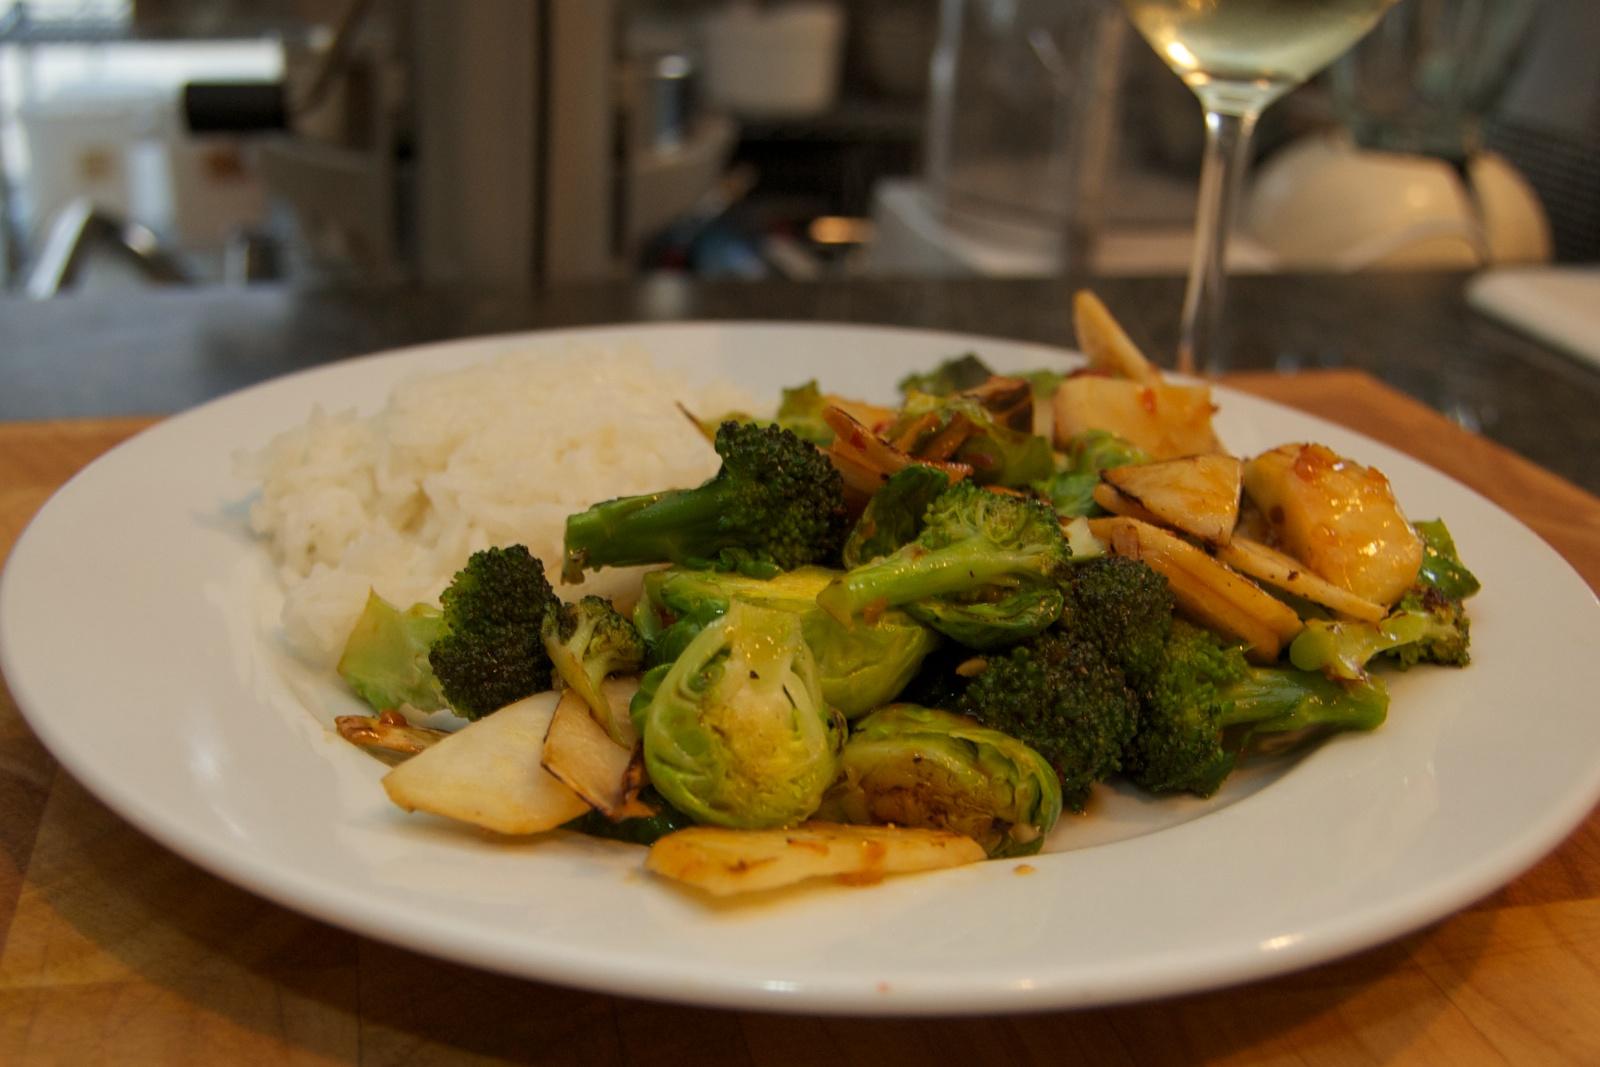 http://blog.rickk.com/food/2010/10/17/veggarlicstir5.jpg